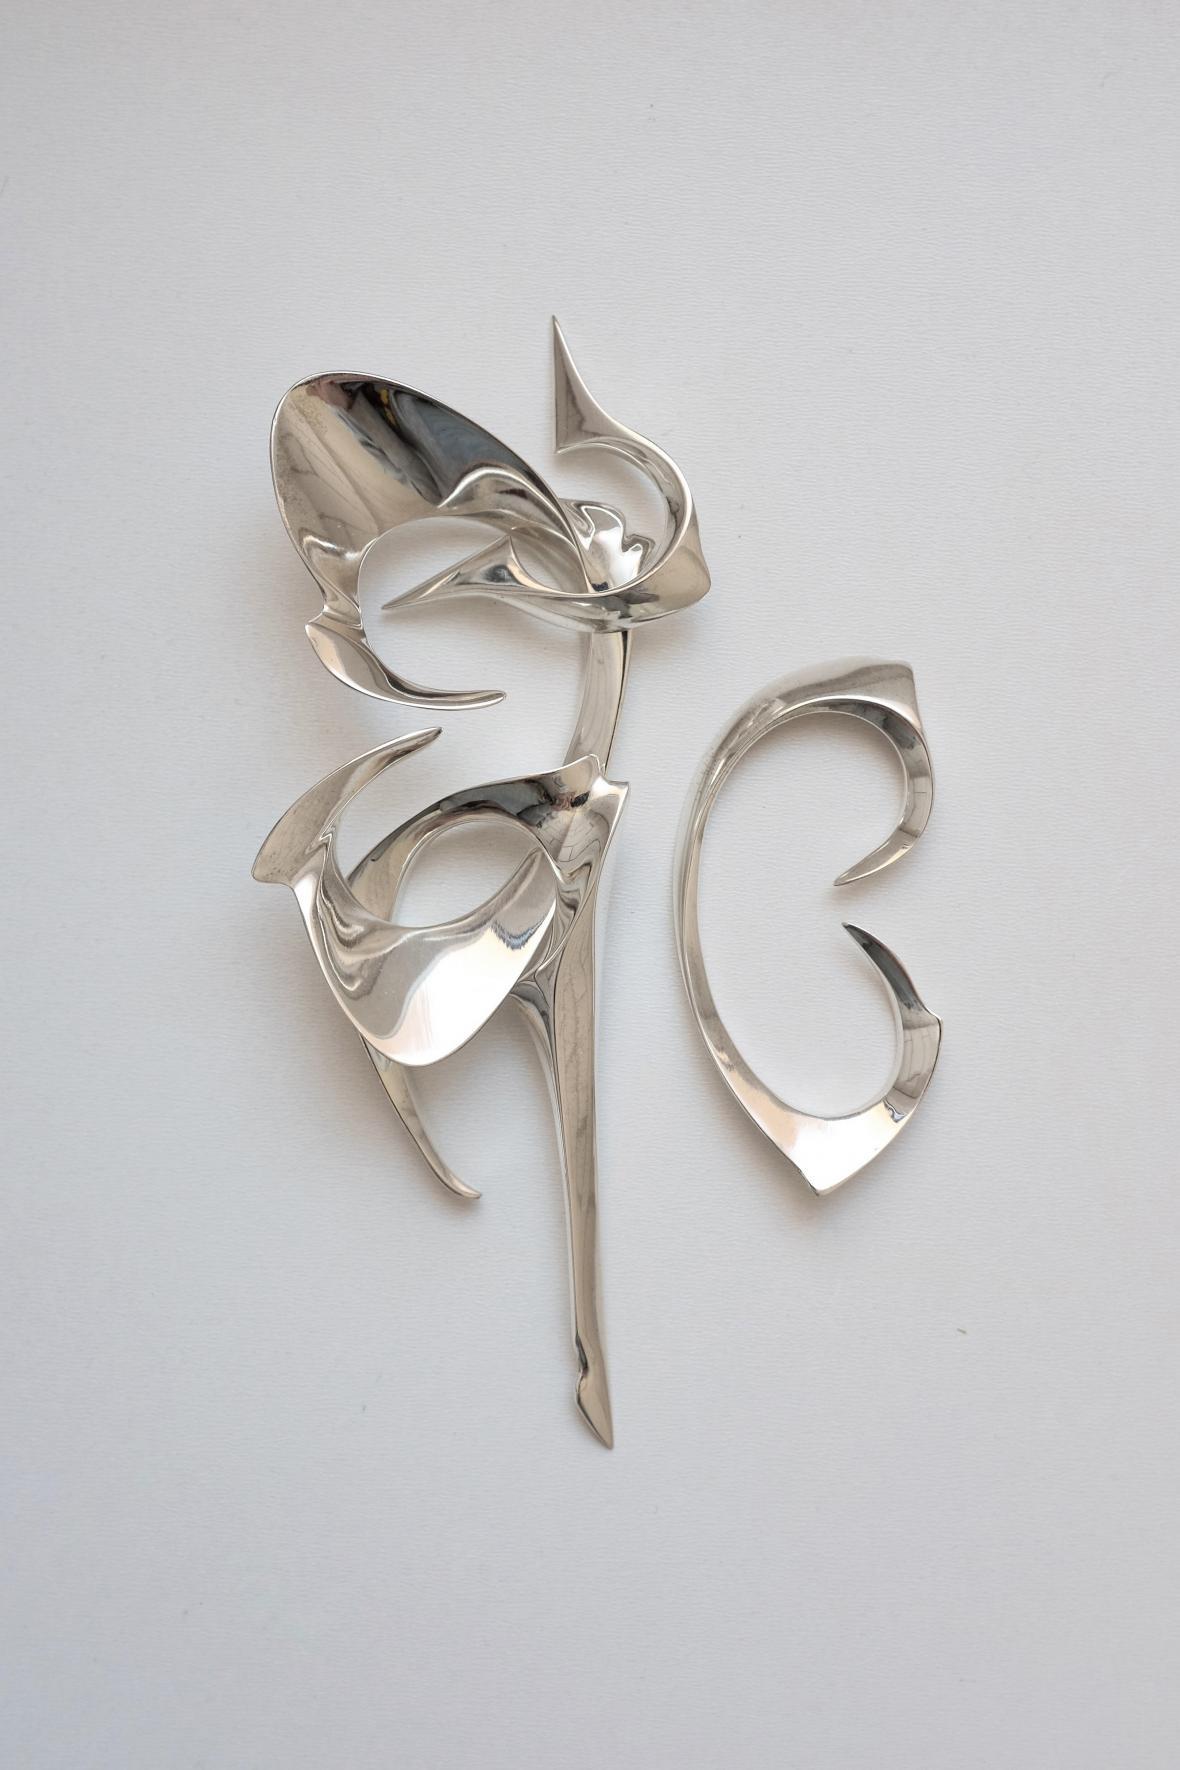 Šperky Markéty Kratochvílové